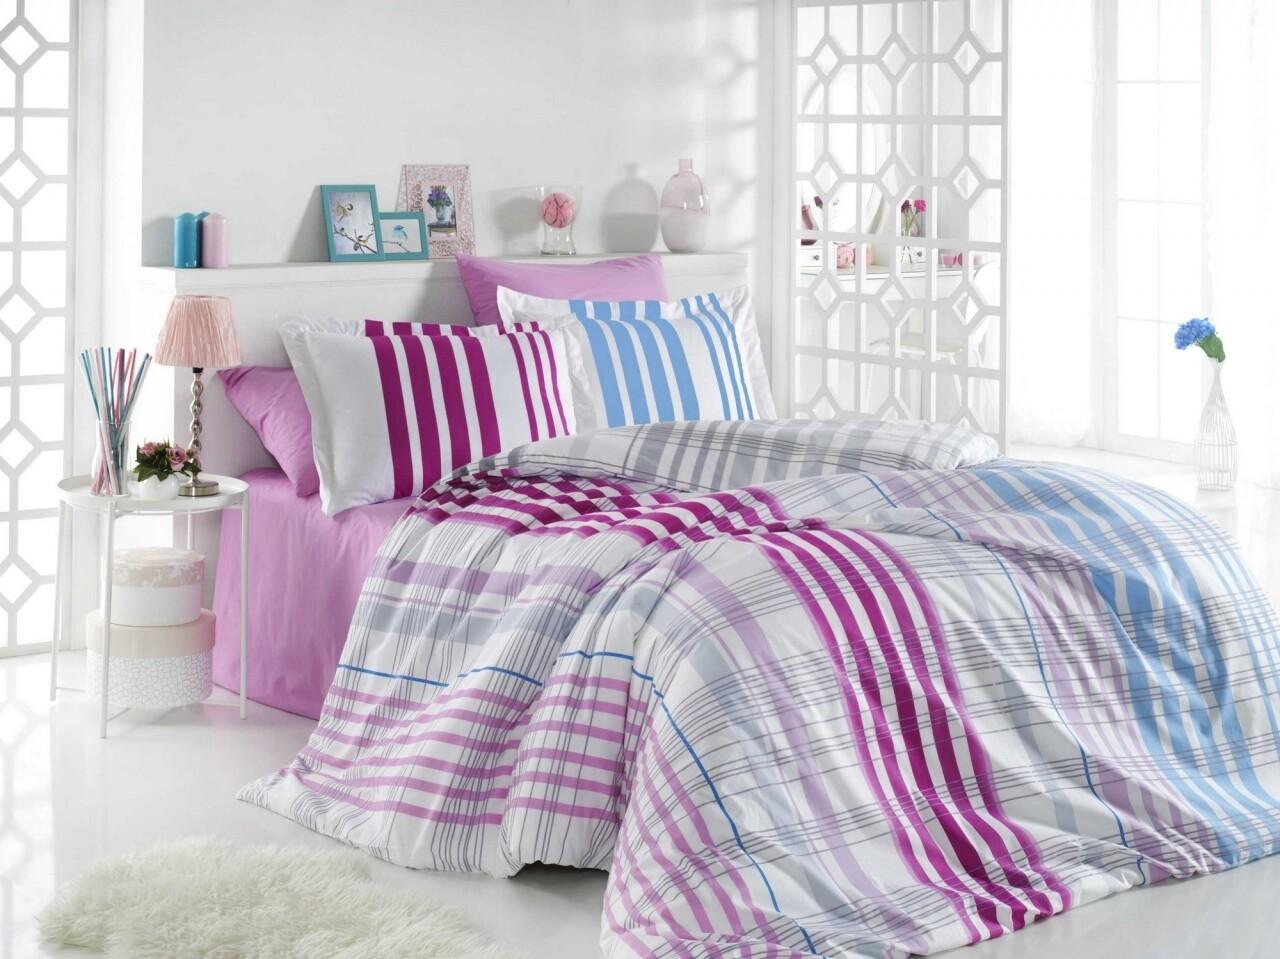 Lenjerie de pat pentru o persoana, 3 piese, 100% bumbac poplin, Hobby, Stripe Fuchsia, multicolora